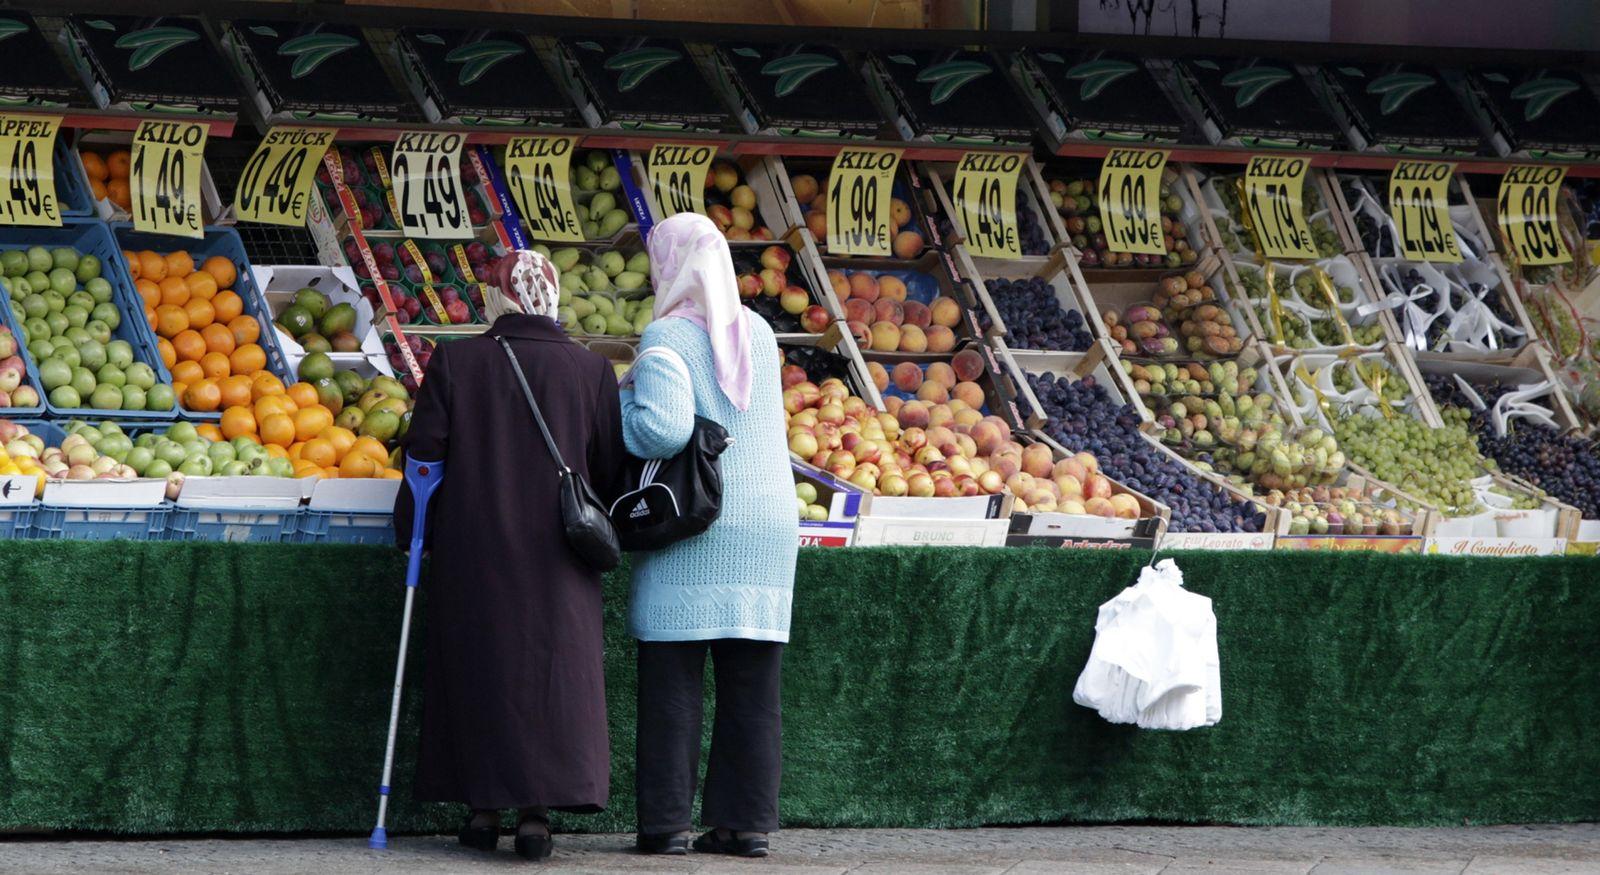 NICHT MEHR VERWENDEN! - Ausländerfeindlichkeit/ Türken/ Deutschland